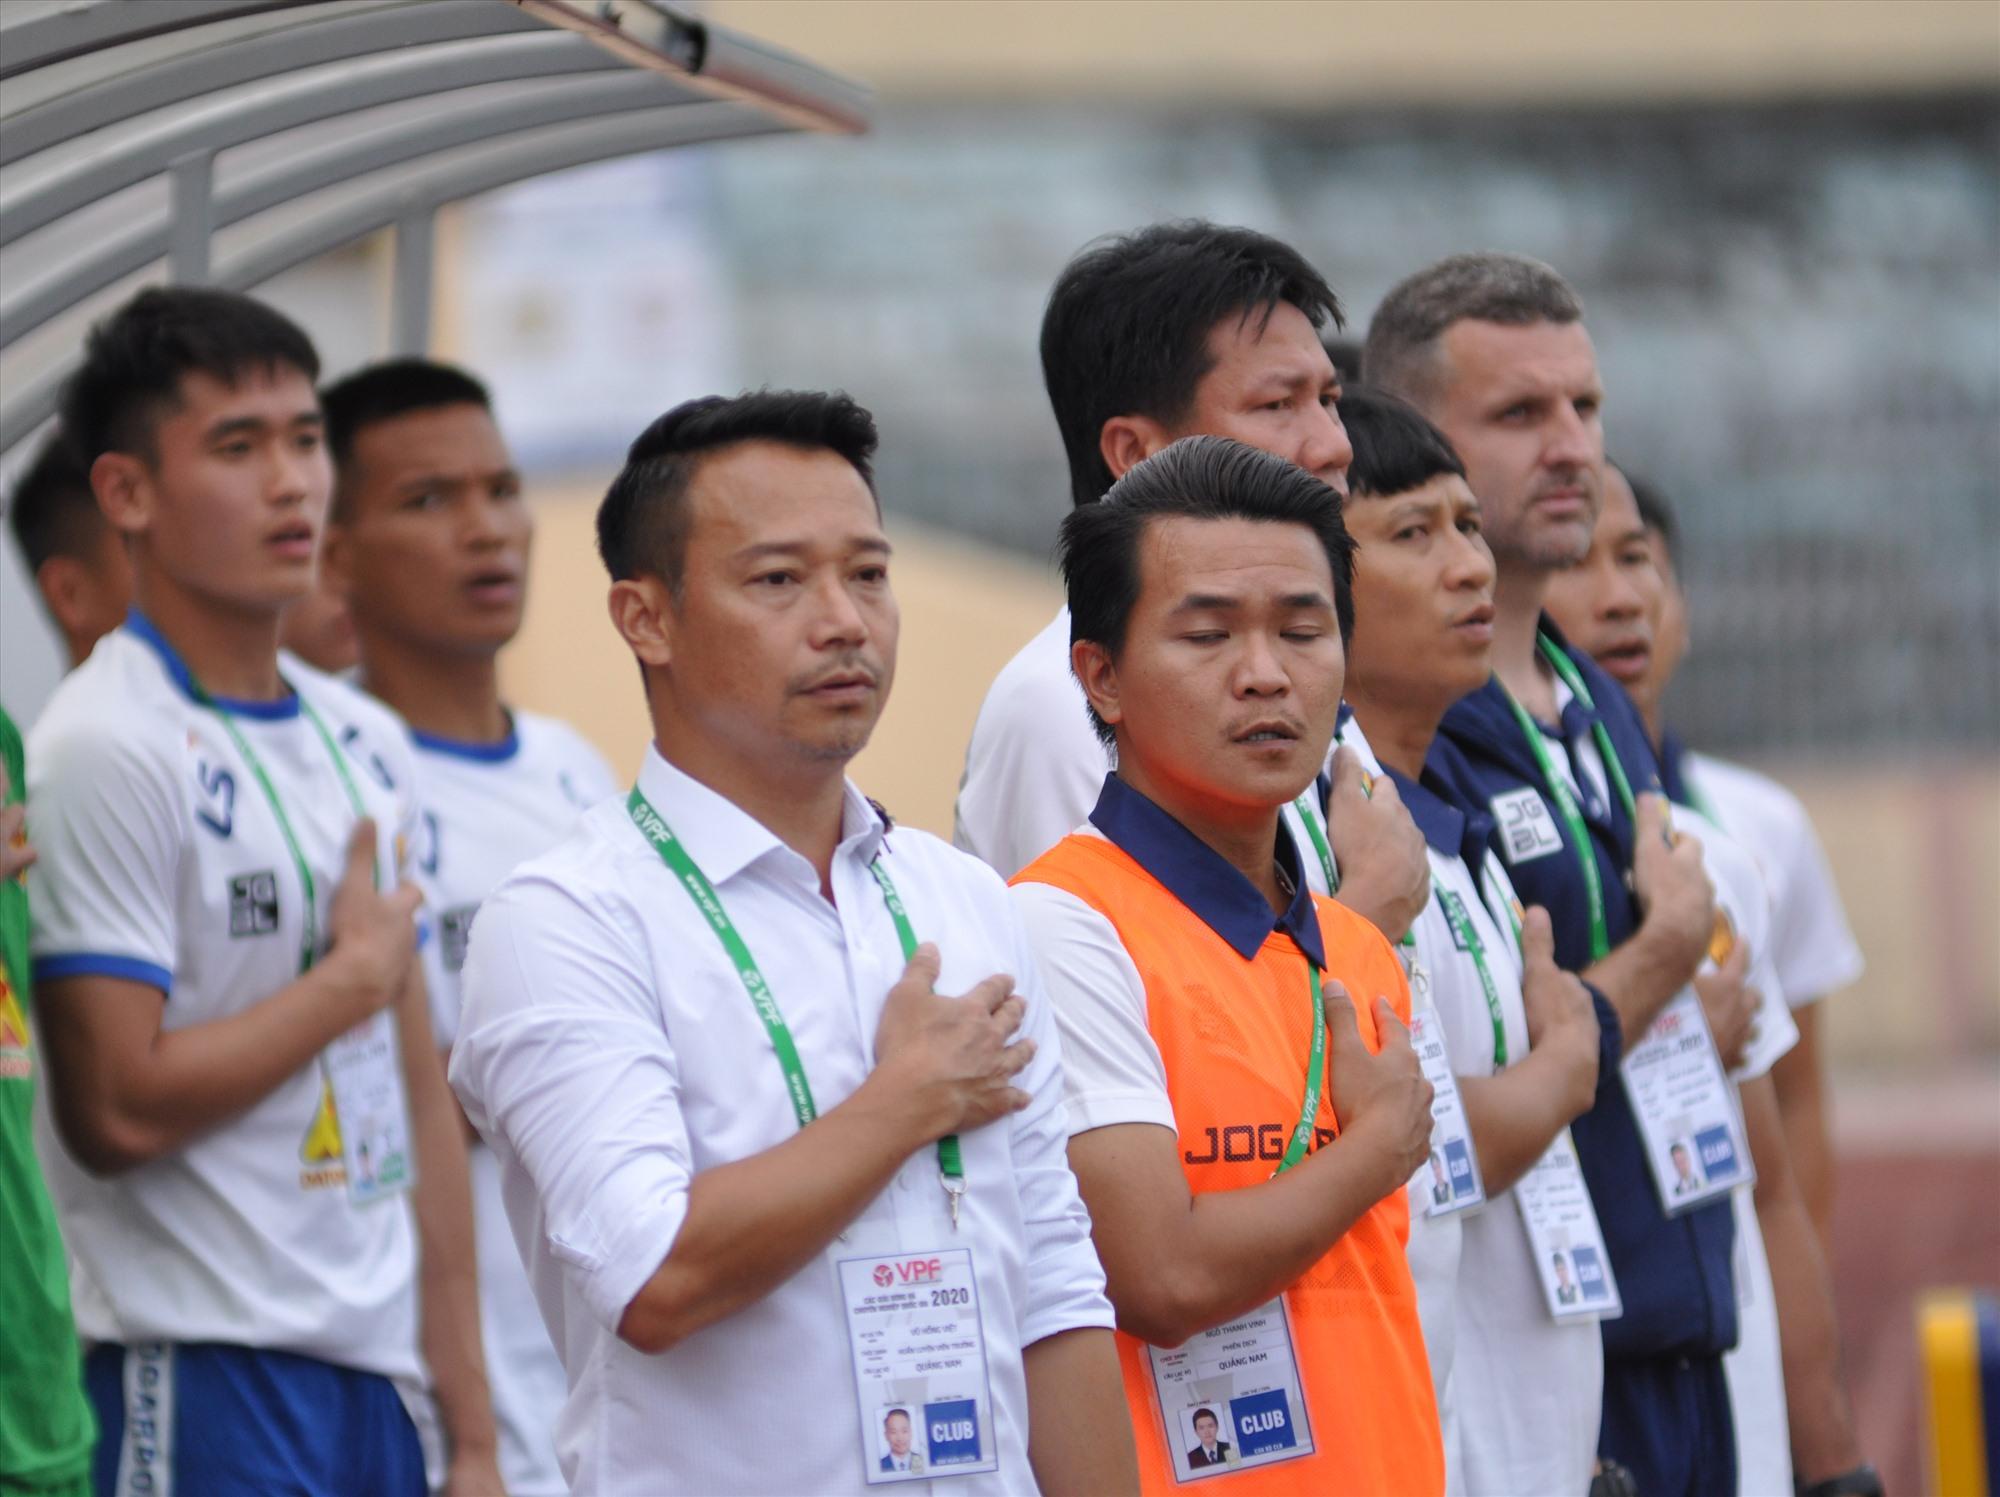 HLV Vũ Hồng Việt có nhiệm vụ phải giành chiến thắng ở Cúp quốc gia, vừa giữ quân cho trận đấu tại V-League cuối tuần tới. Ảnh: A.N